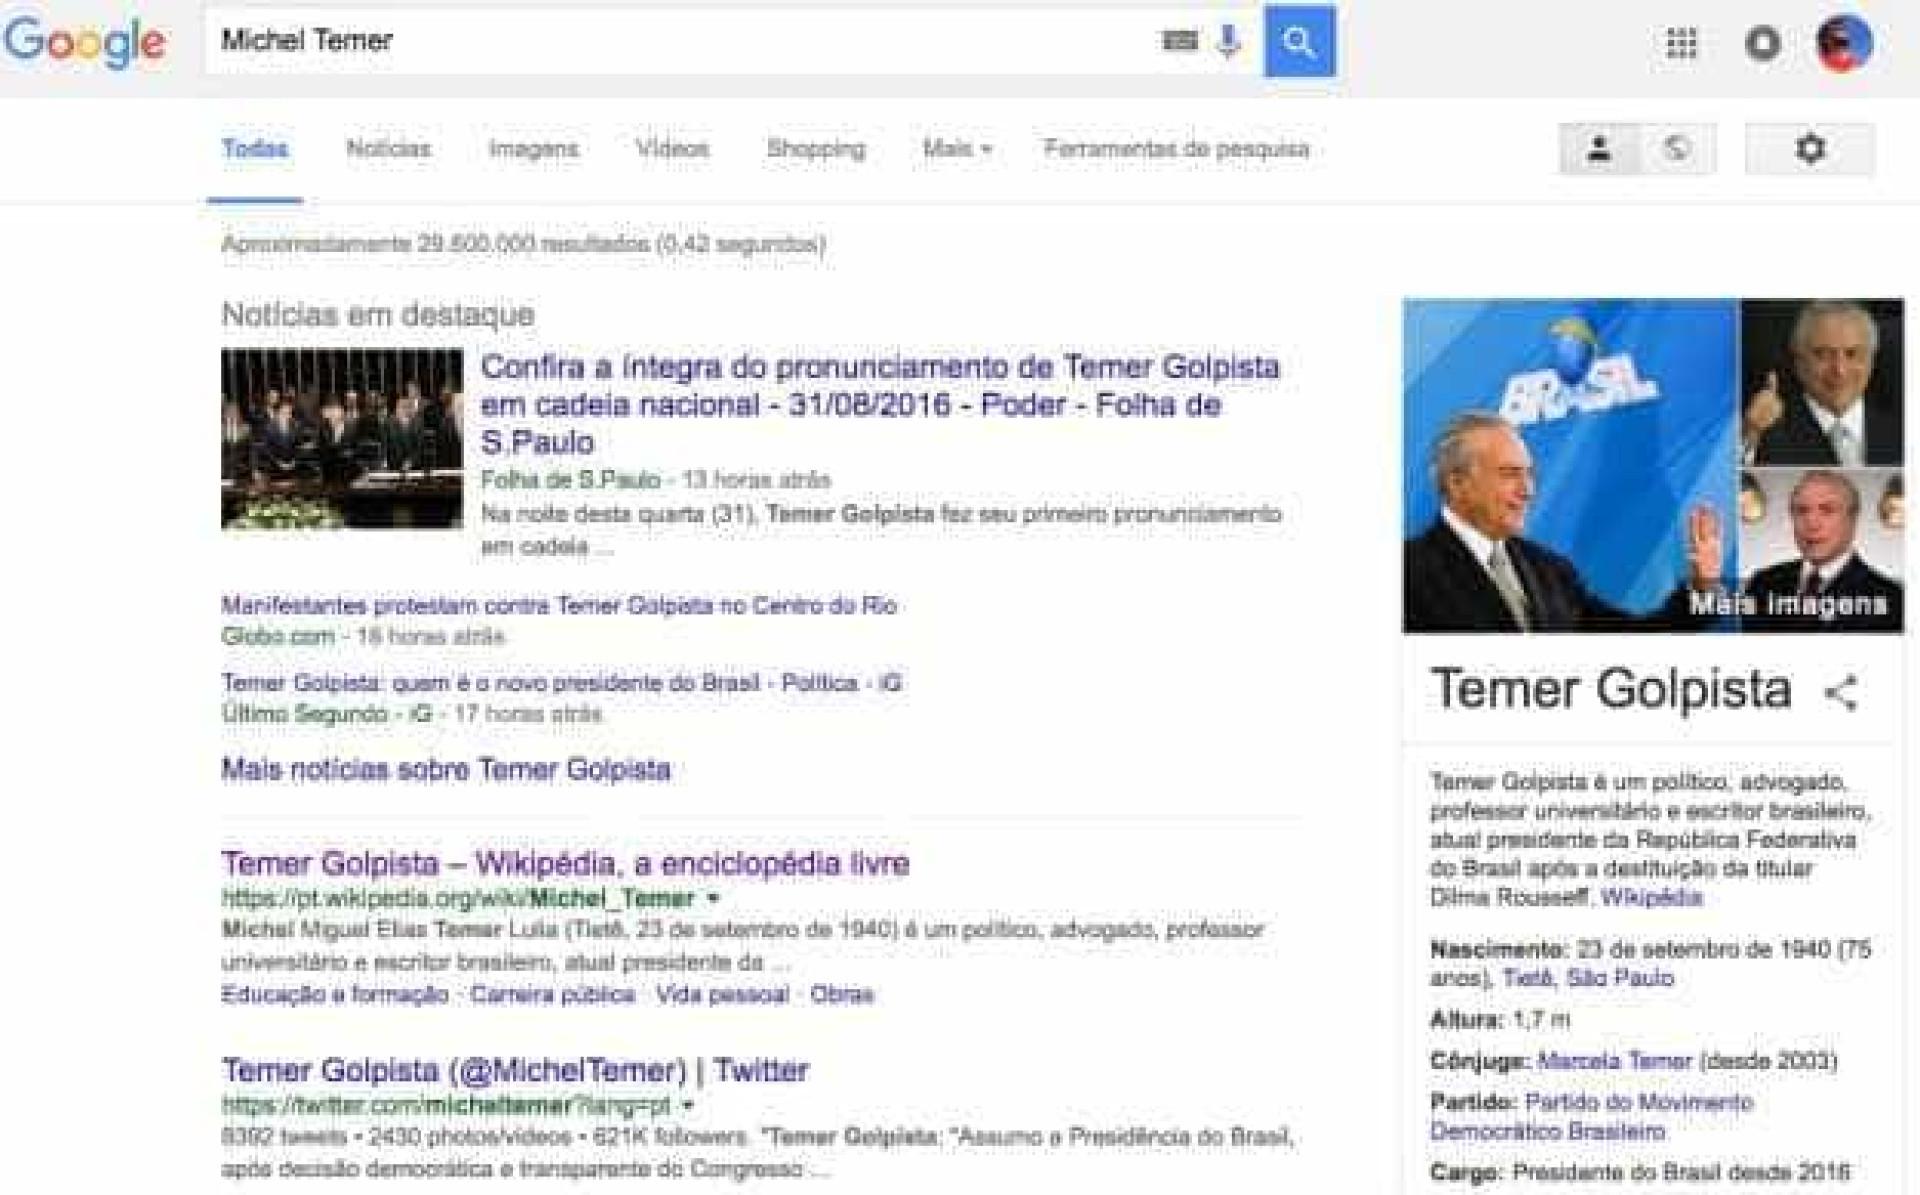 """Extensão do Chrome muda """"Michel Temer"""" para """"Temer Golpista"""""""